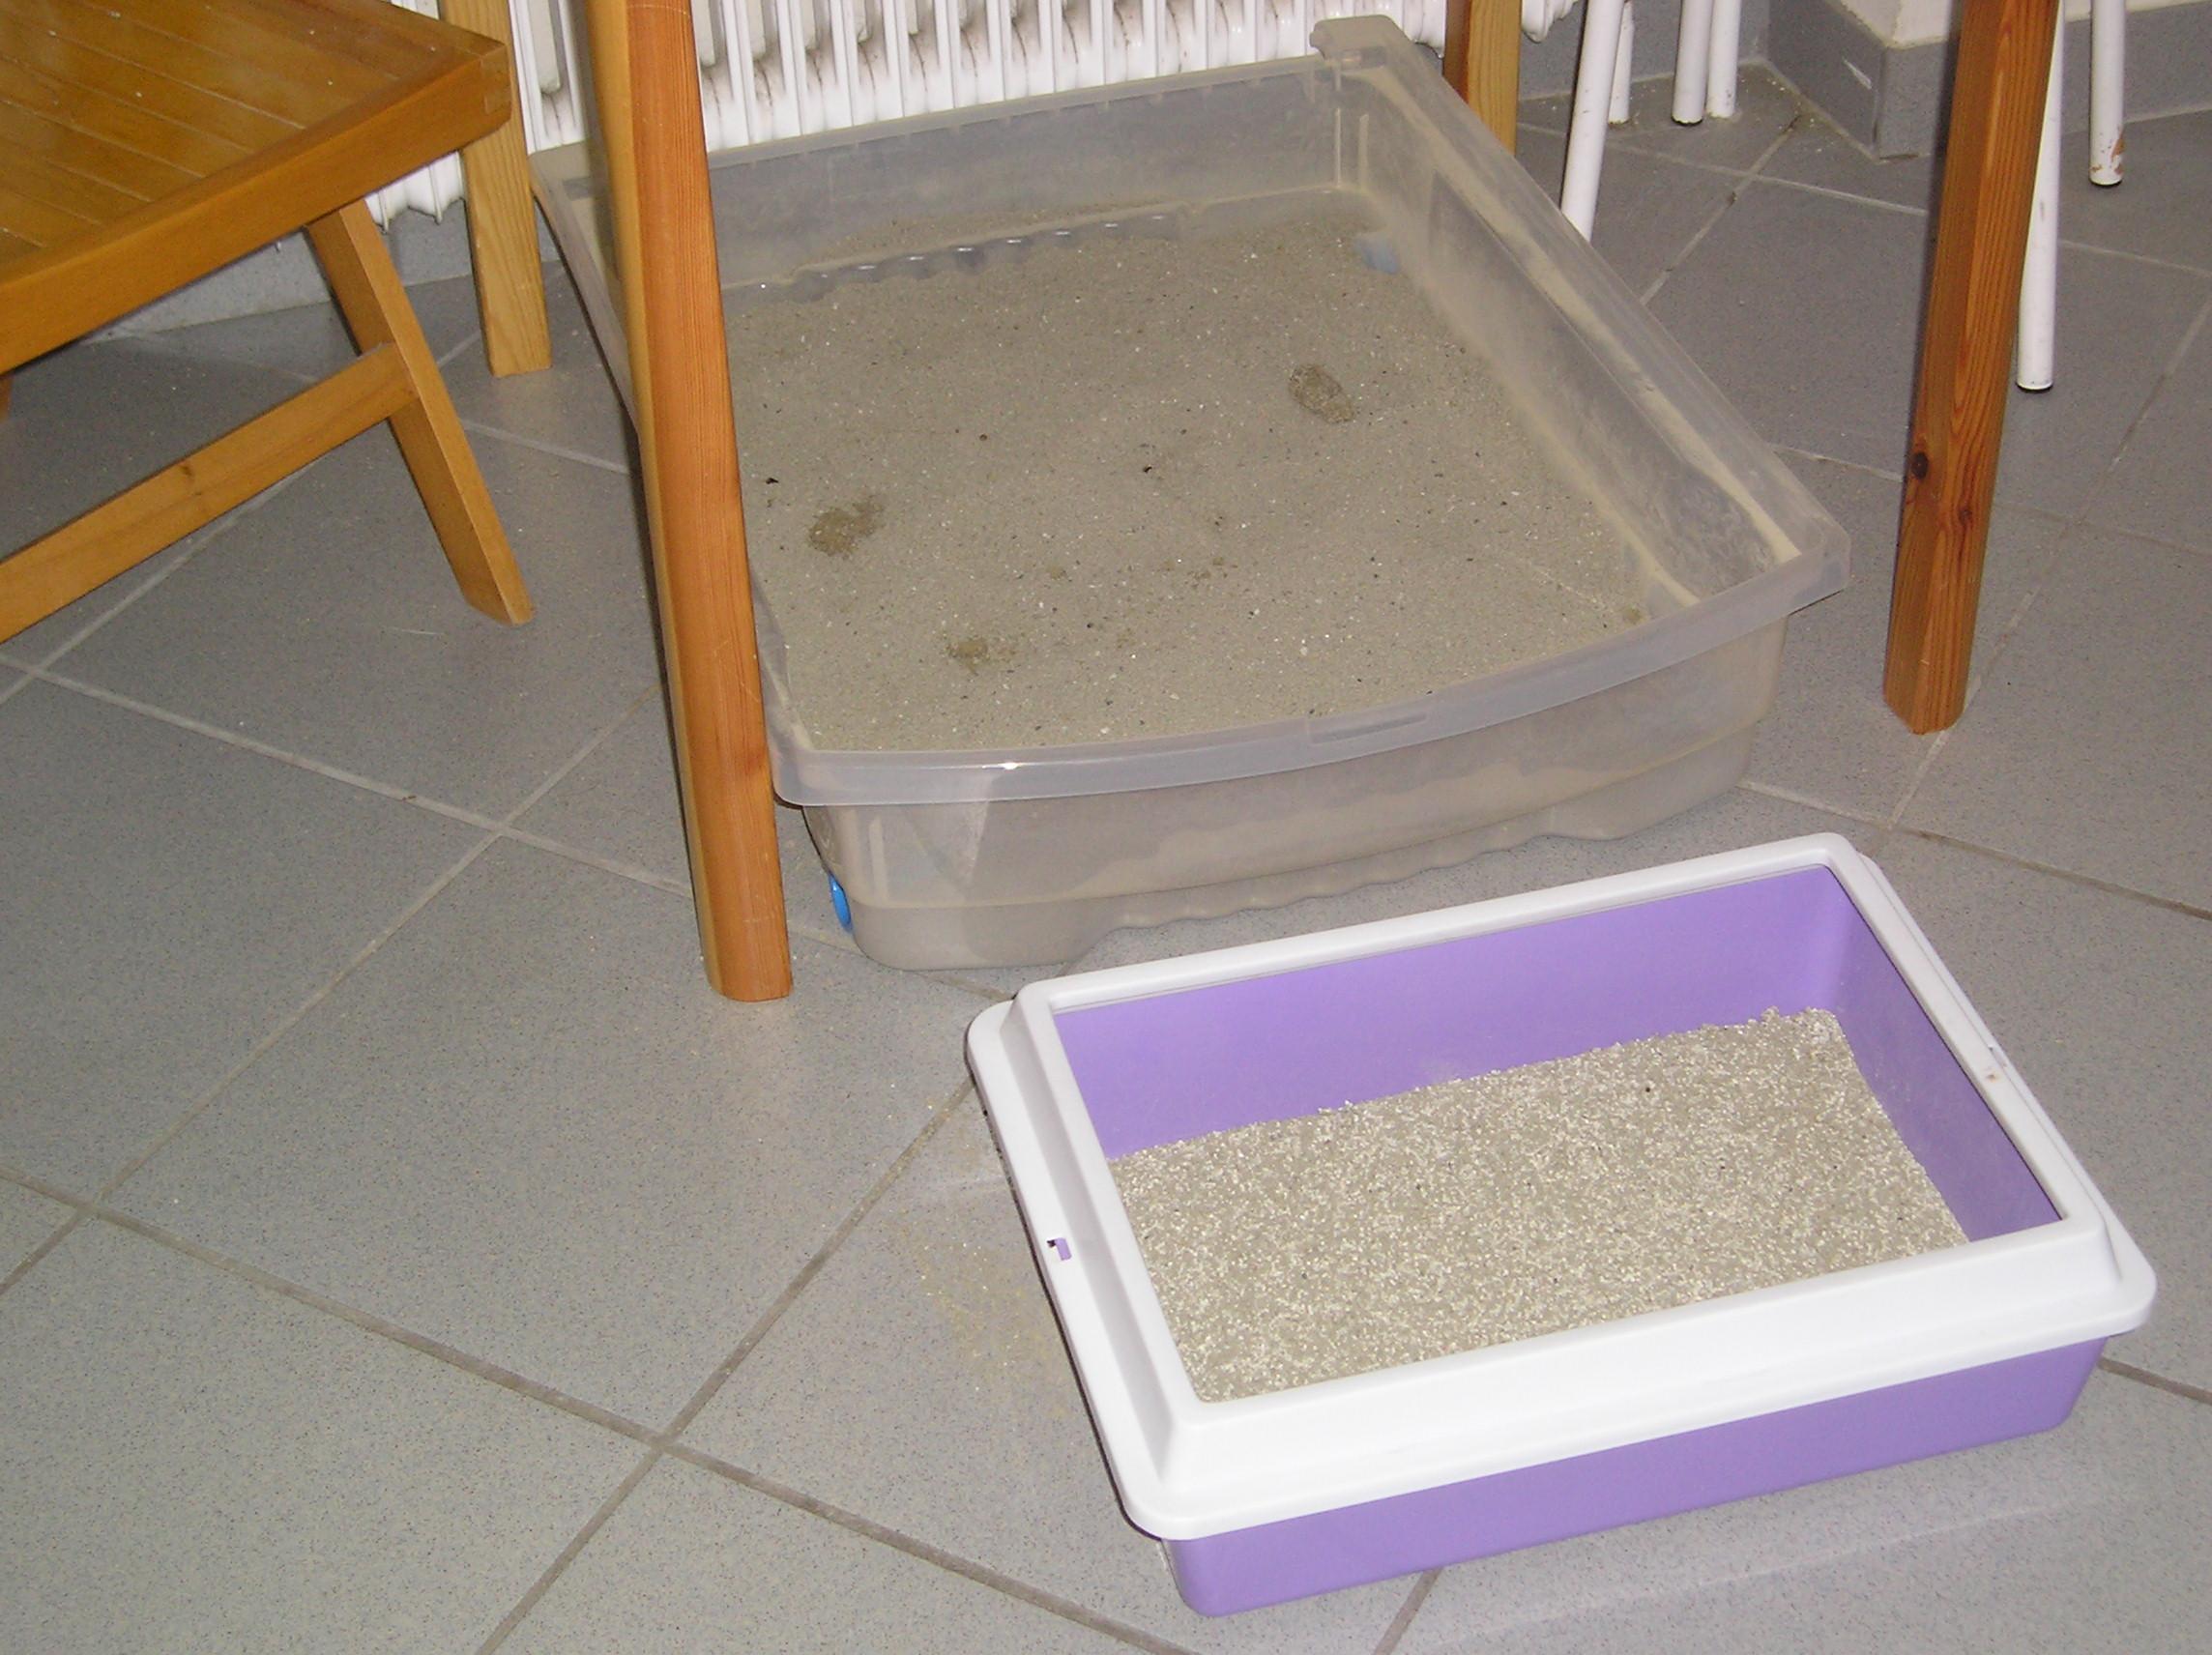 Tierärztliche Praxis für Katzenmedizin und Verhaltensmedizin